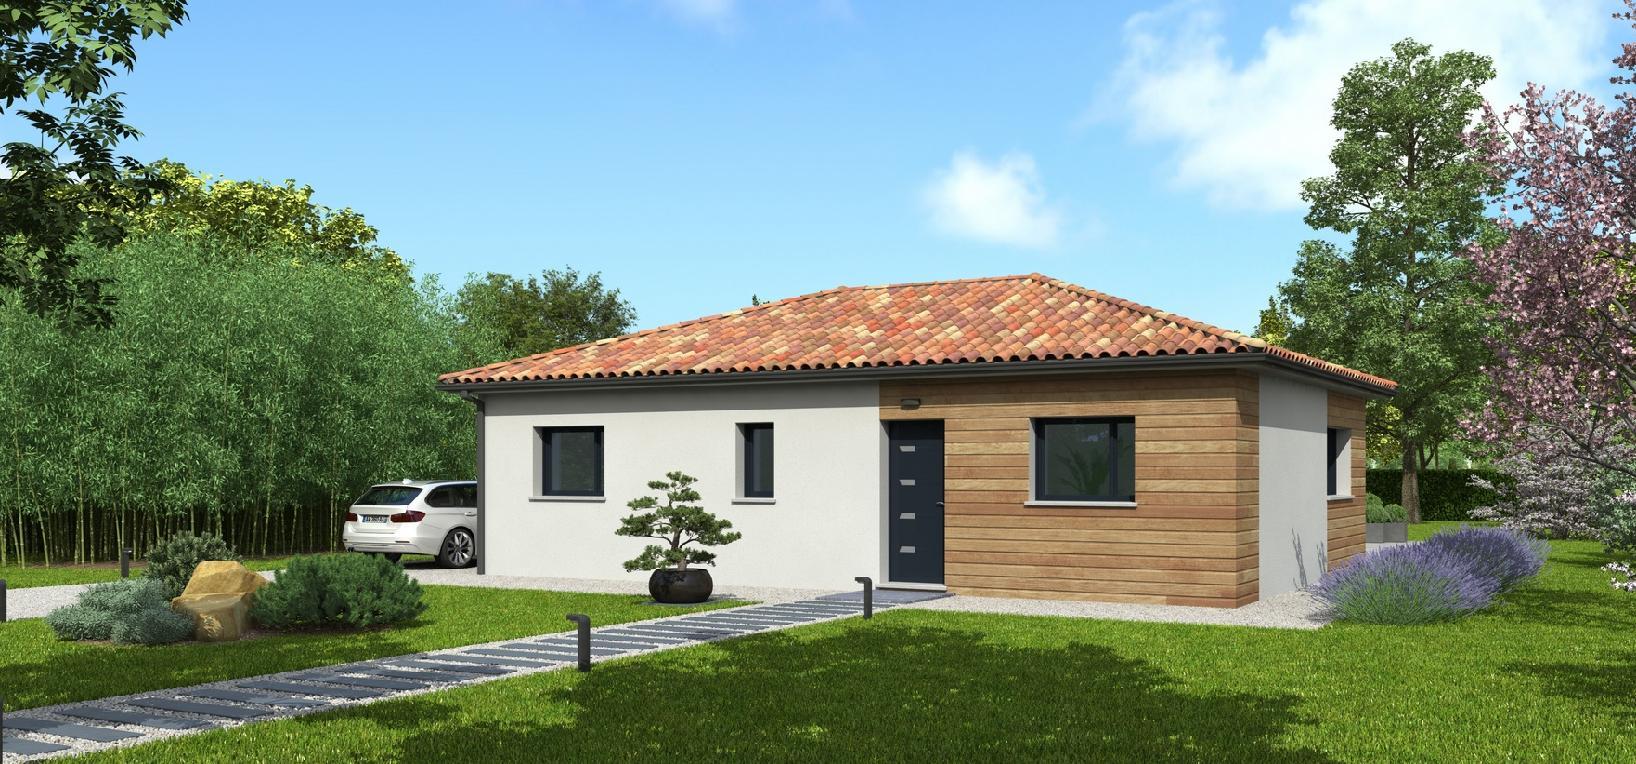 Maisons du constructeur NATILIA AVIGNON • 92 m² • RASTEAU